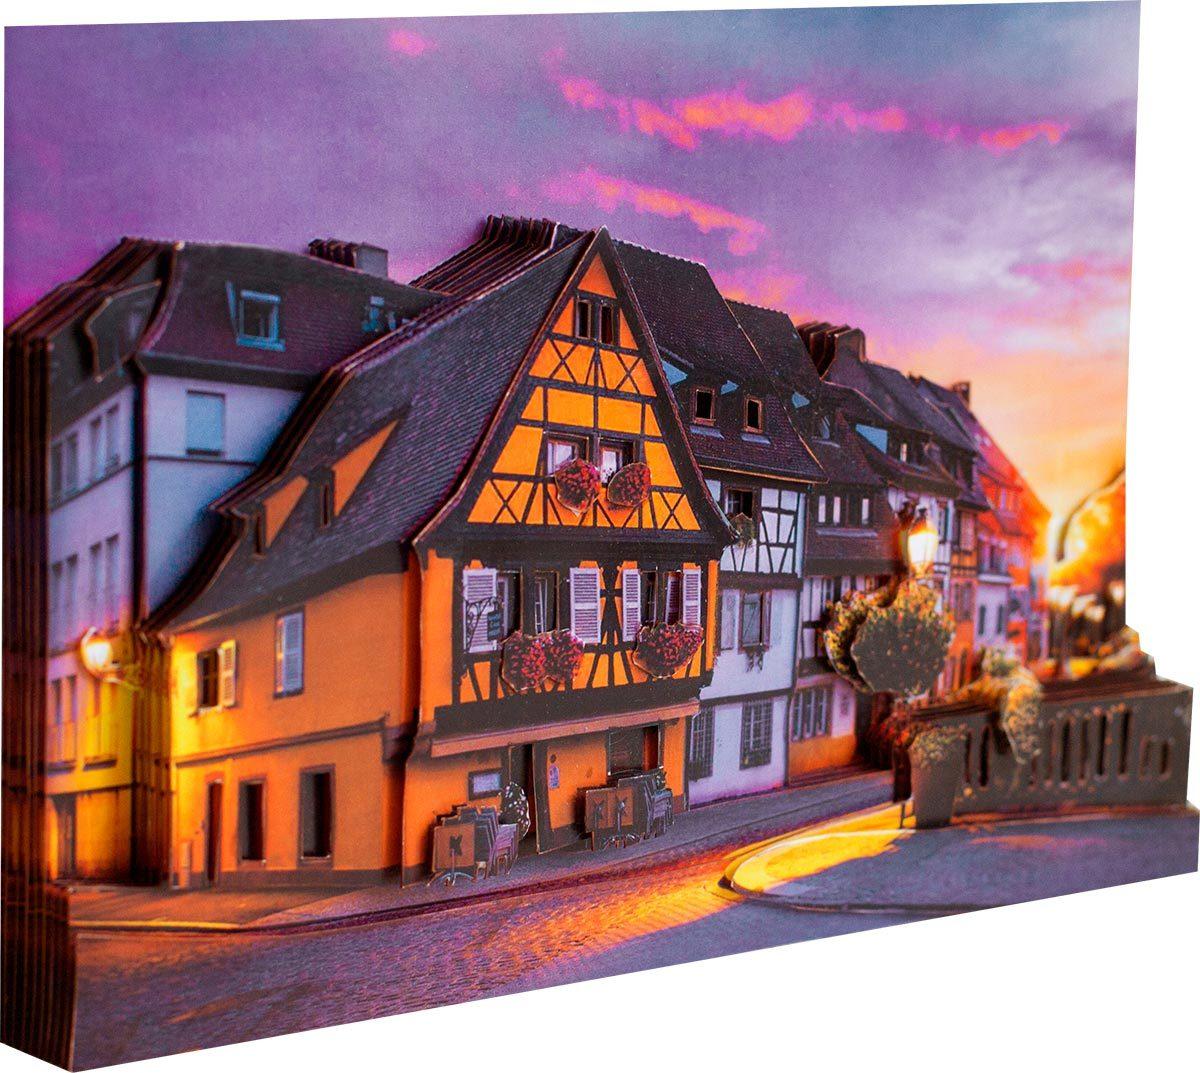 Папертоль Французские улочки — готовое изображение, вид сбоку.